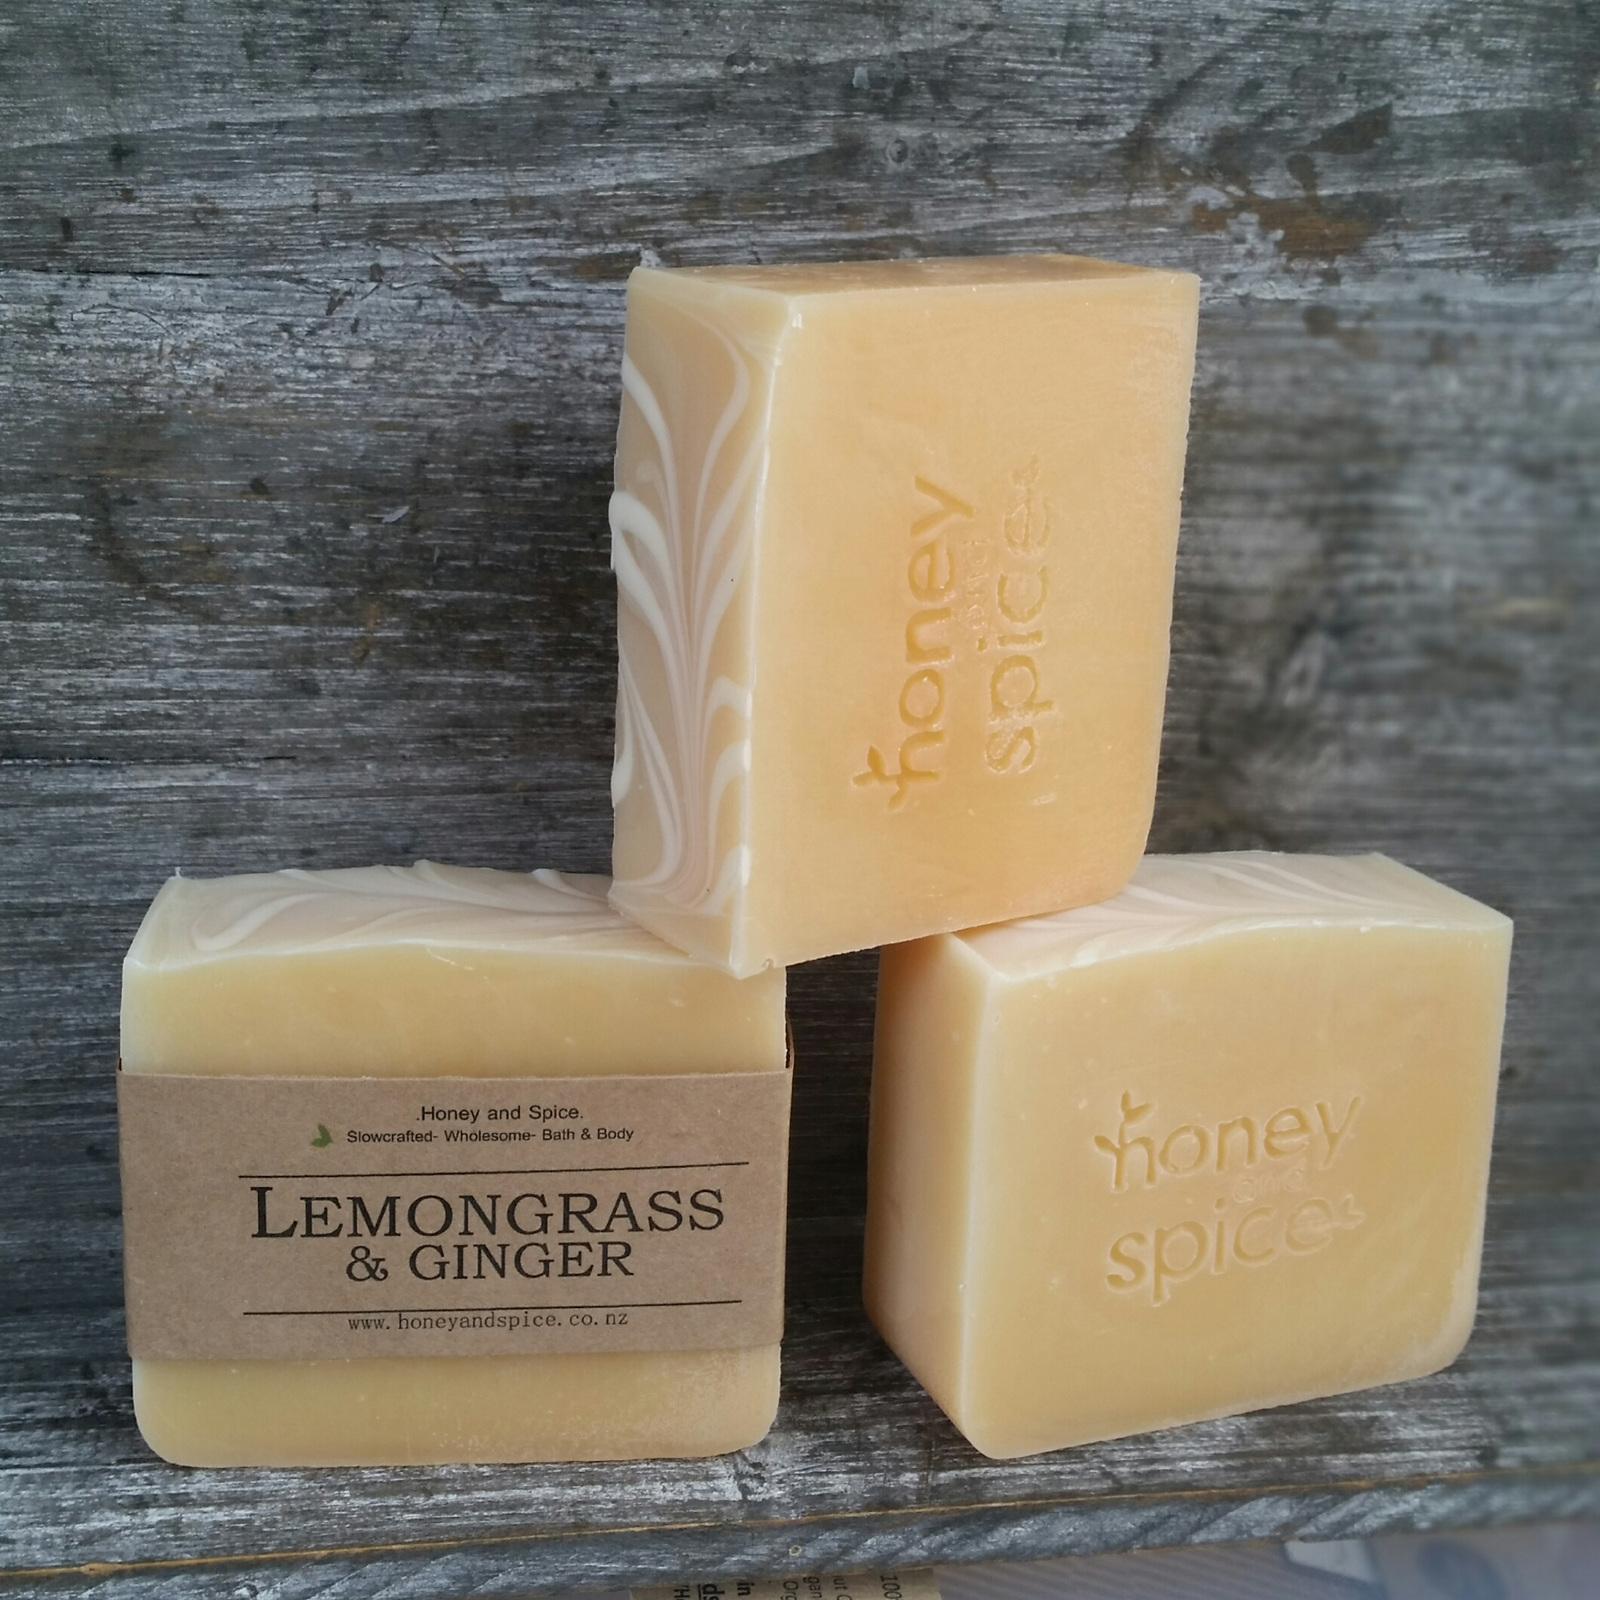 Lemongrass Amp Ginger Soap Honey And Spice